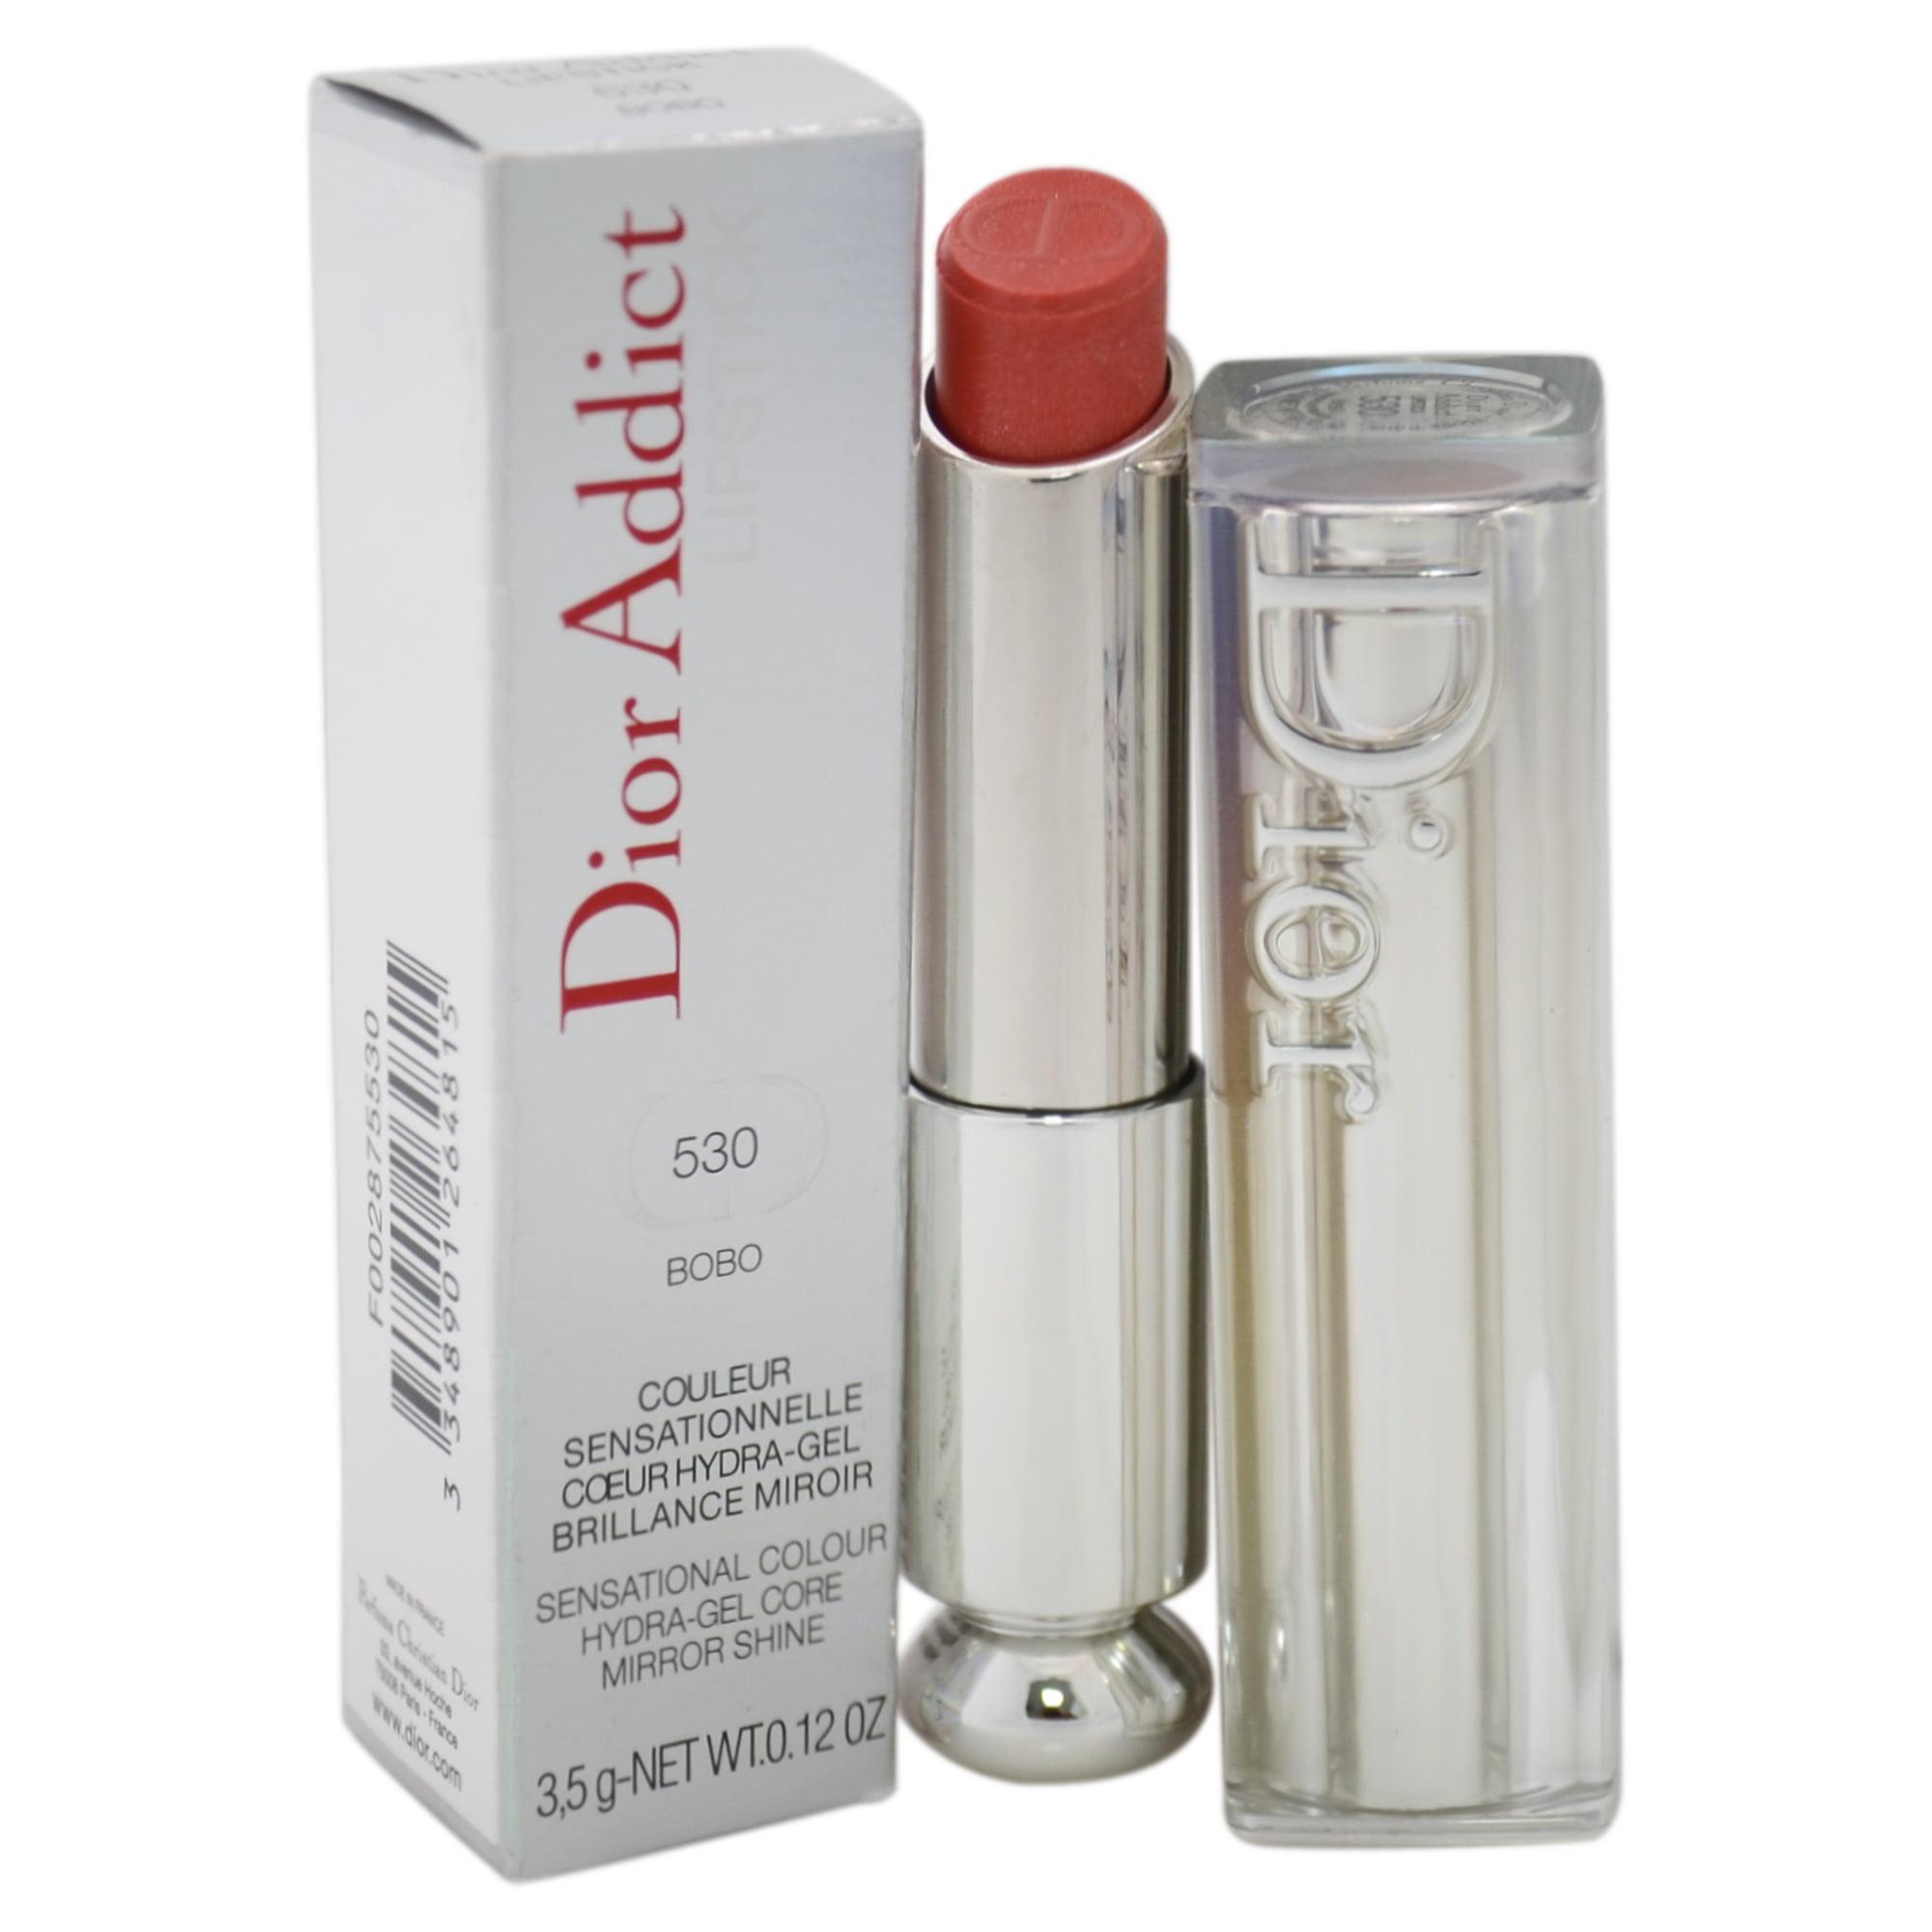 c77bd49c290a57 Dior - Dior Addict Lipstick -   530 Bobo by Christian Dior for Women - 0.12  oz Lipstick - Walmart.com